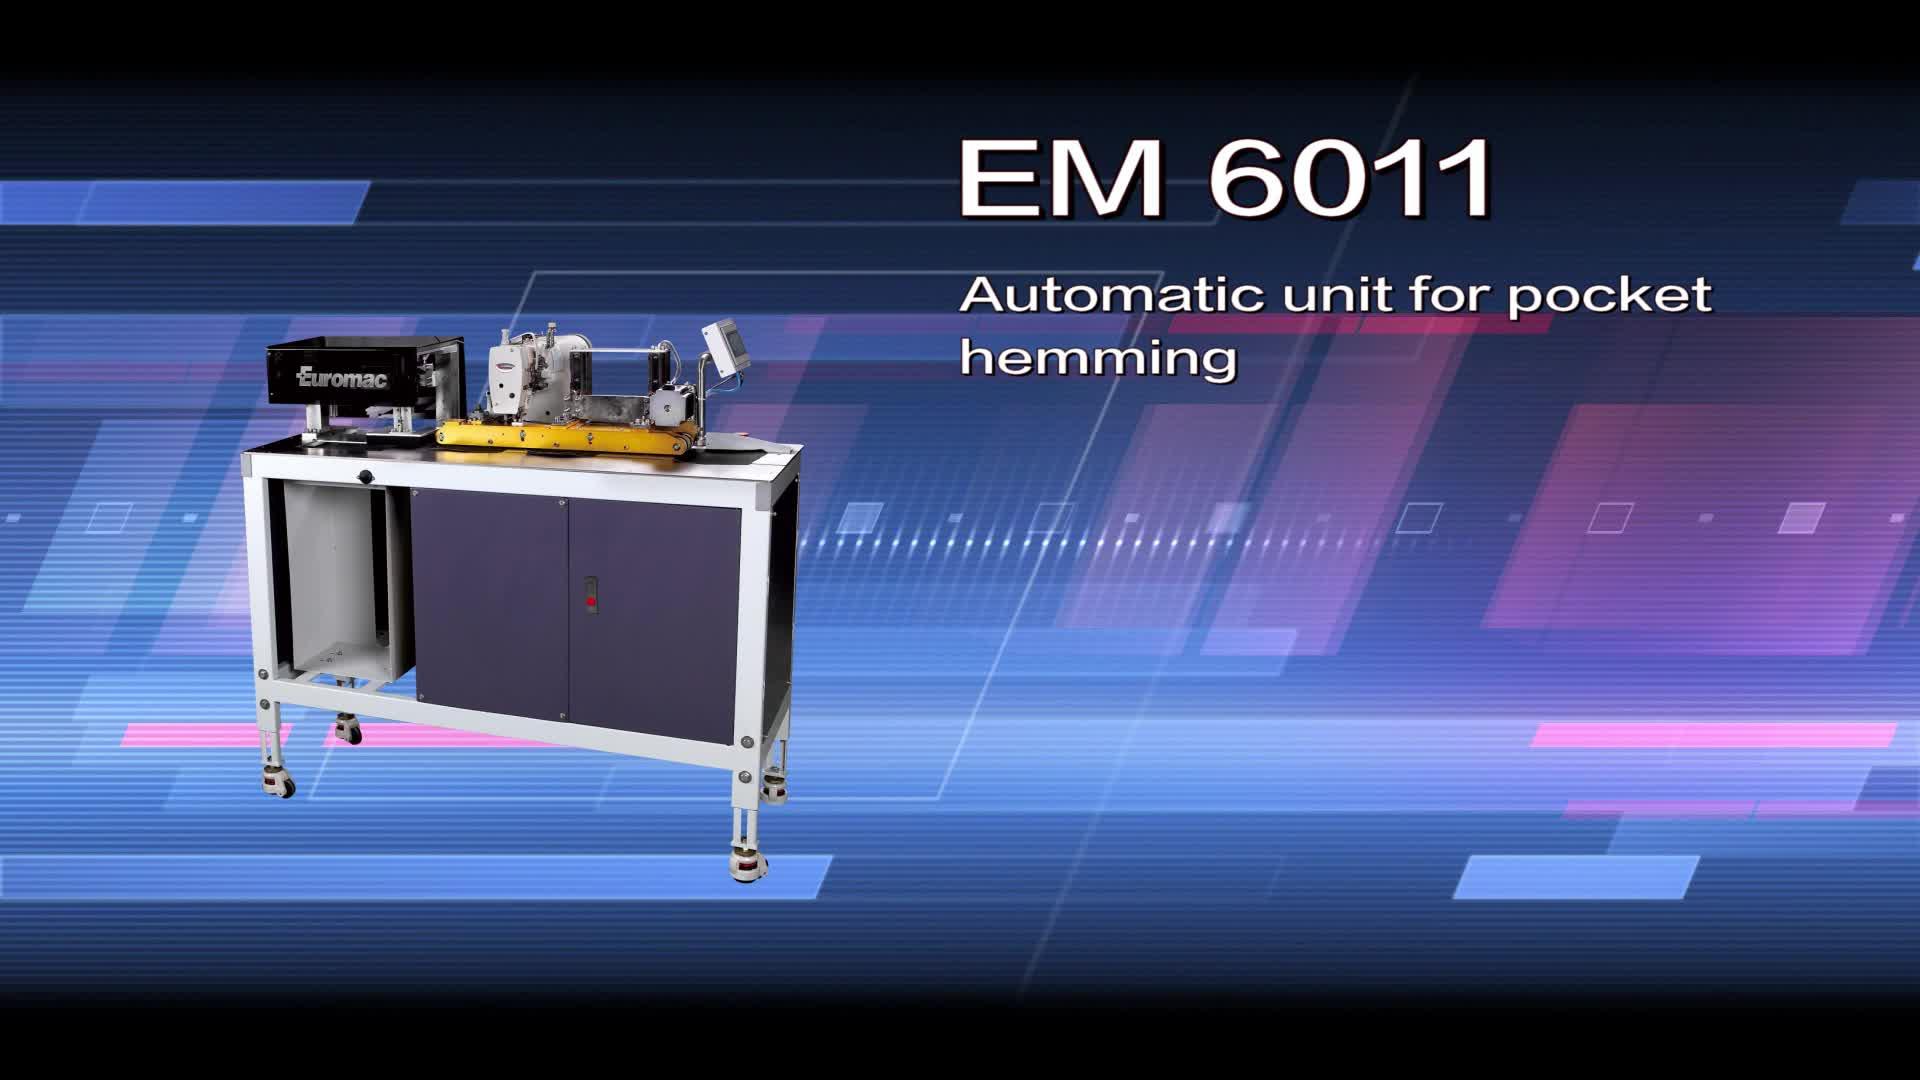 Los 6011 Unidad Automática de bolsillo hemming